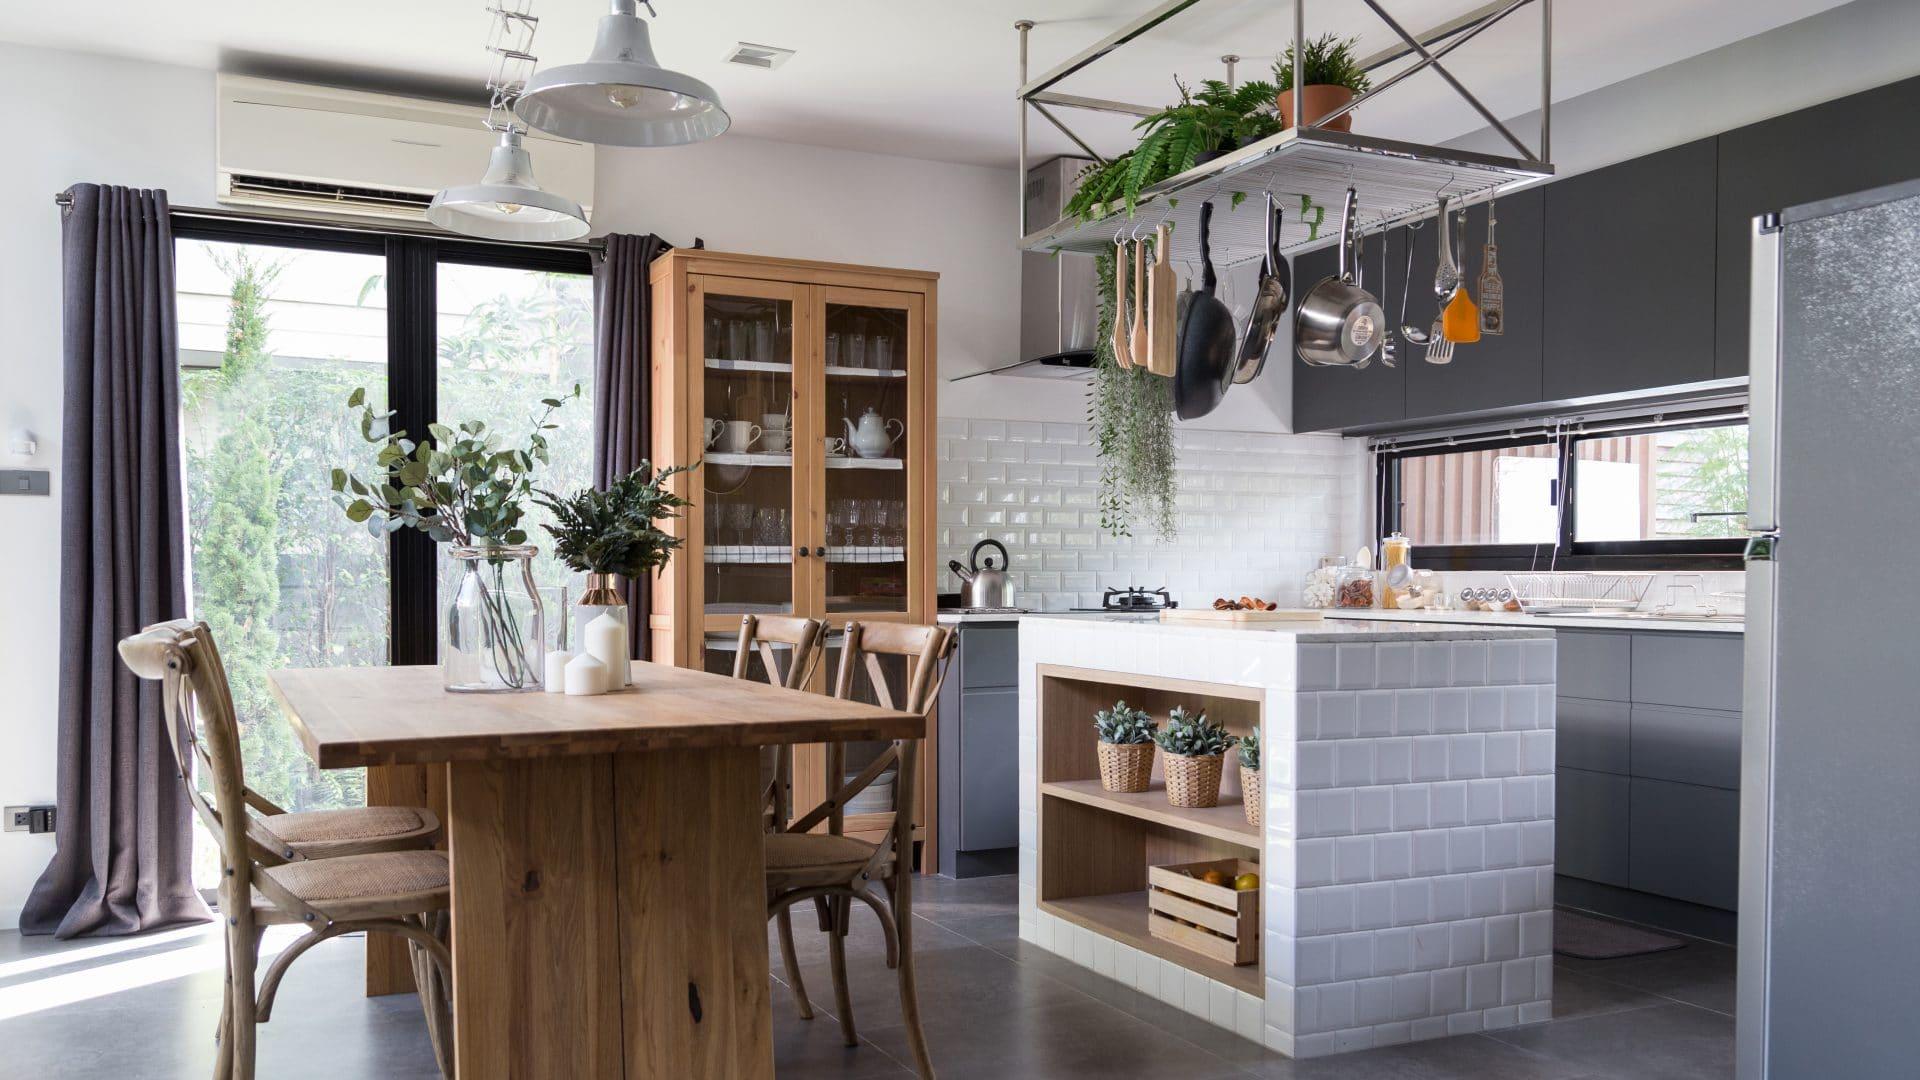 R nover une cuisine ancienne pour la rendre agr able et fonctionnelle - Renover la cuisine ...